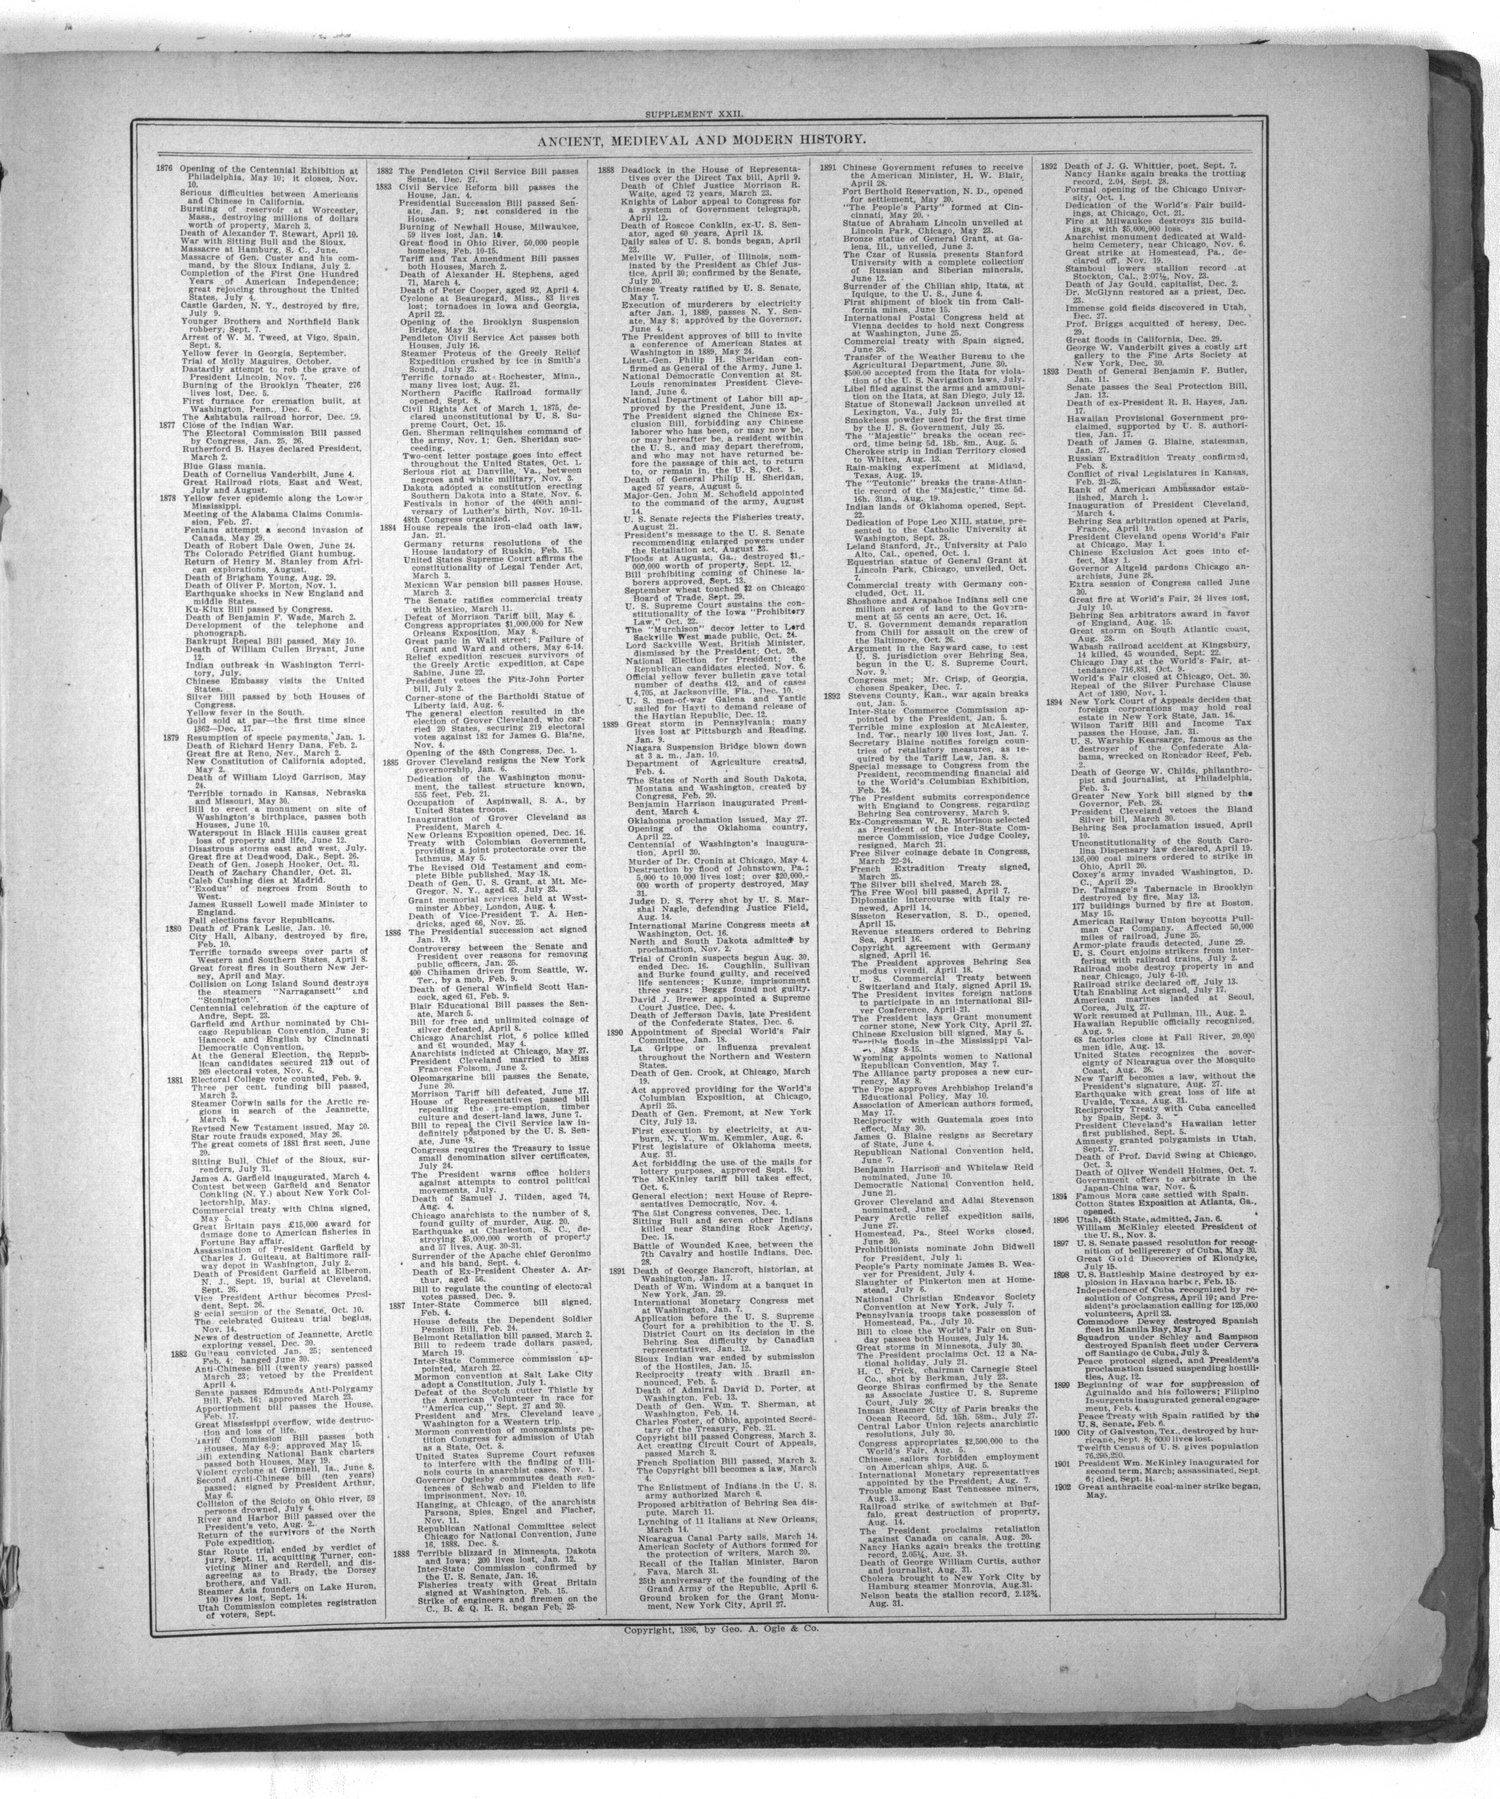 Standard atlas of Johnson County, Kansas - Supplement XXII